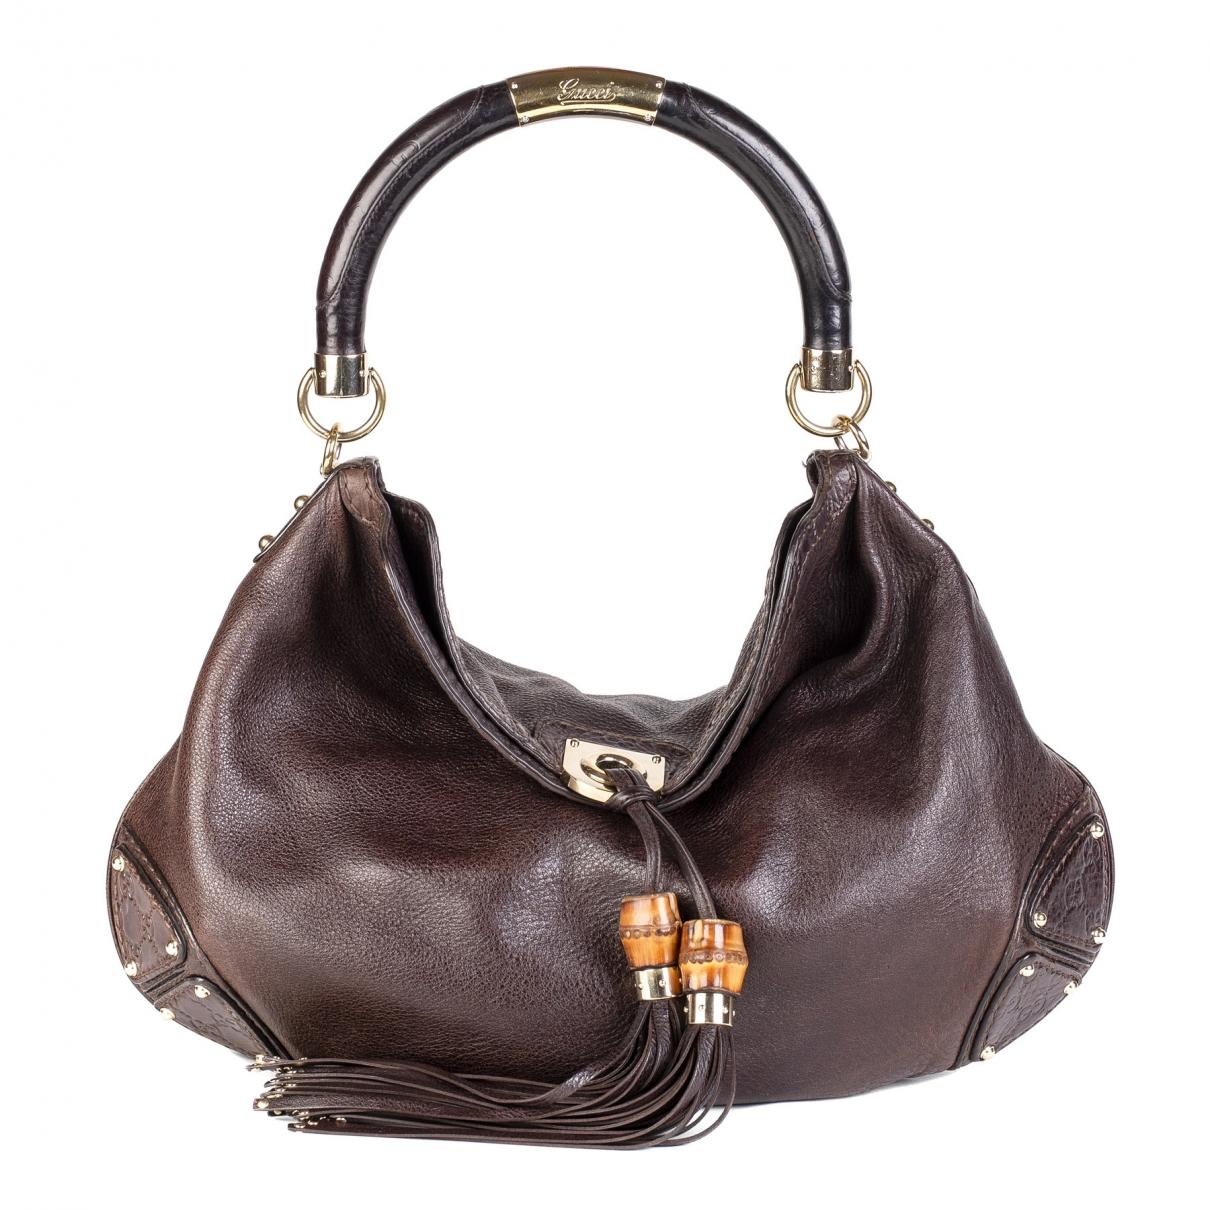 Gucci Indy Handtasche in  Braun Leder